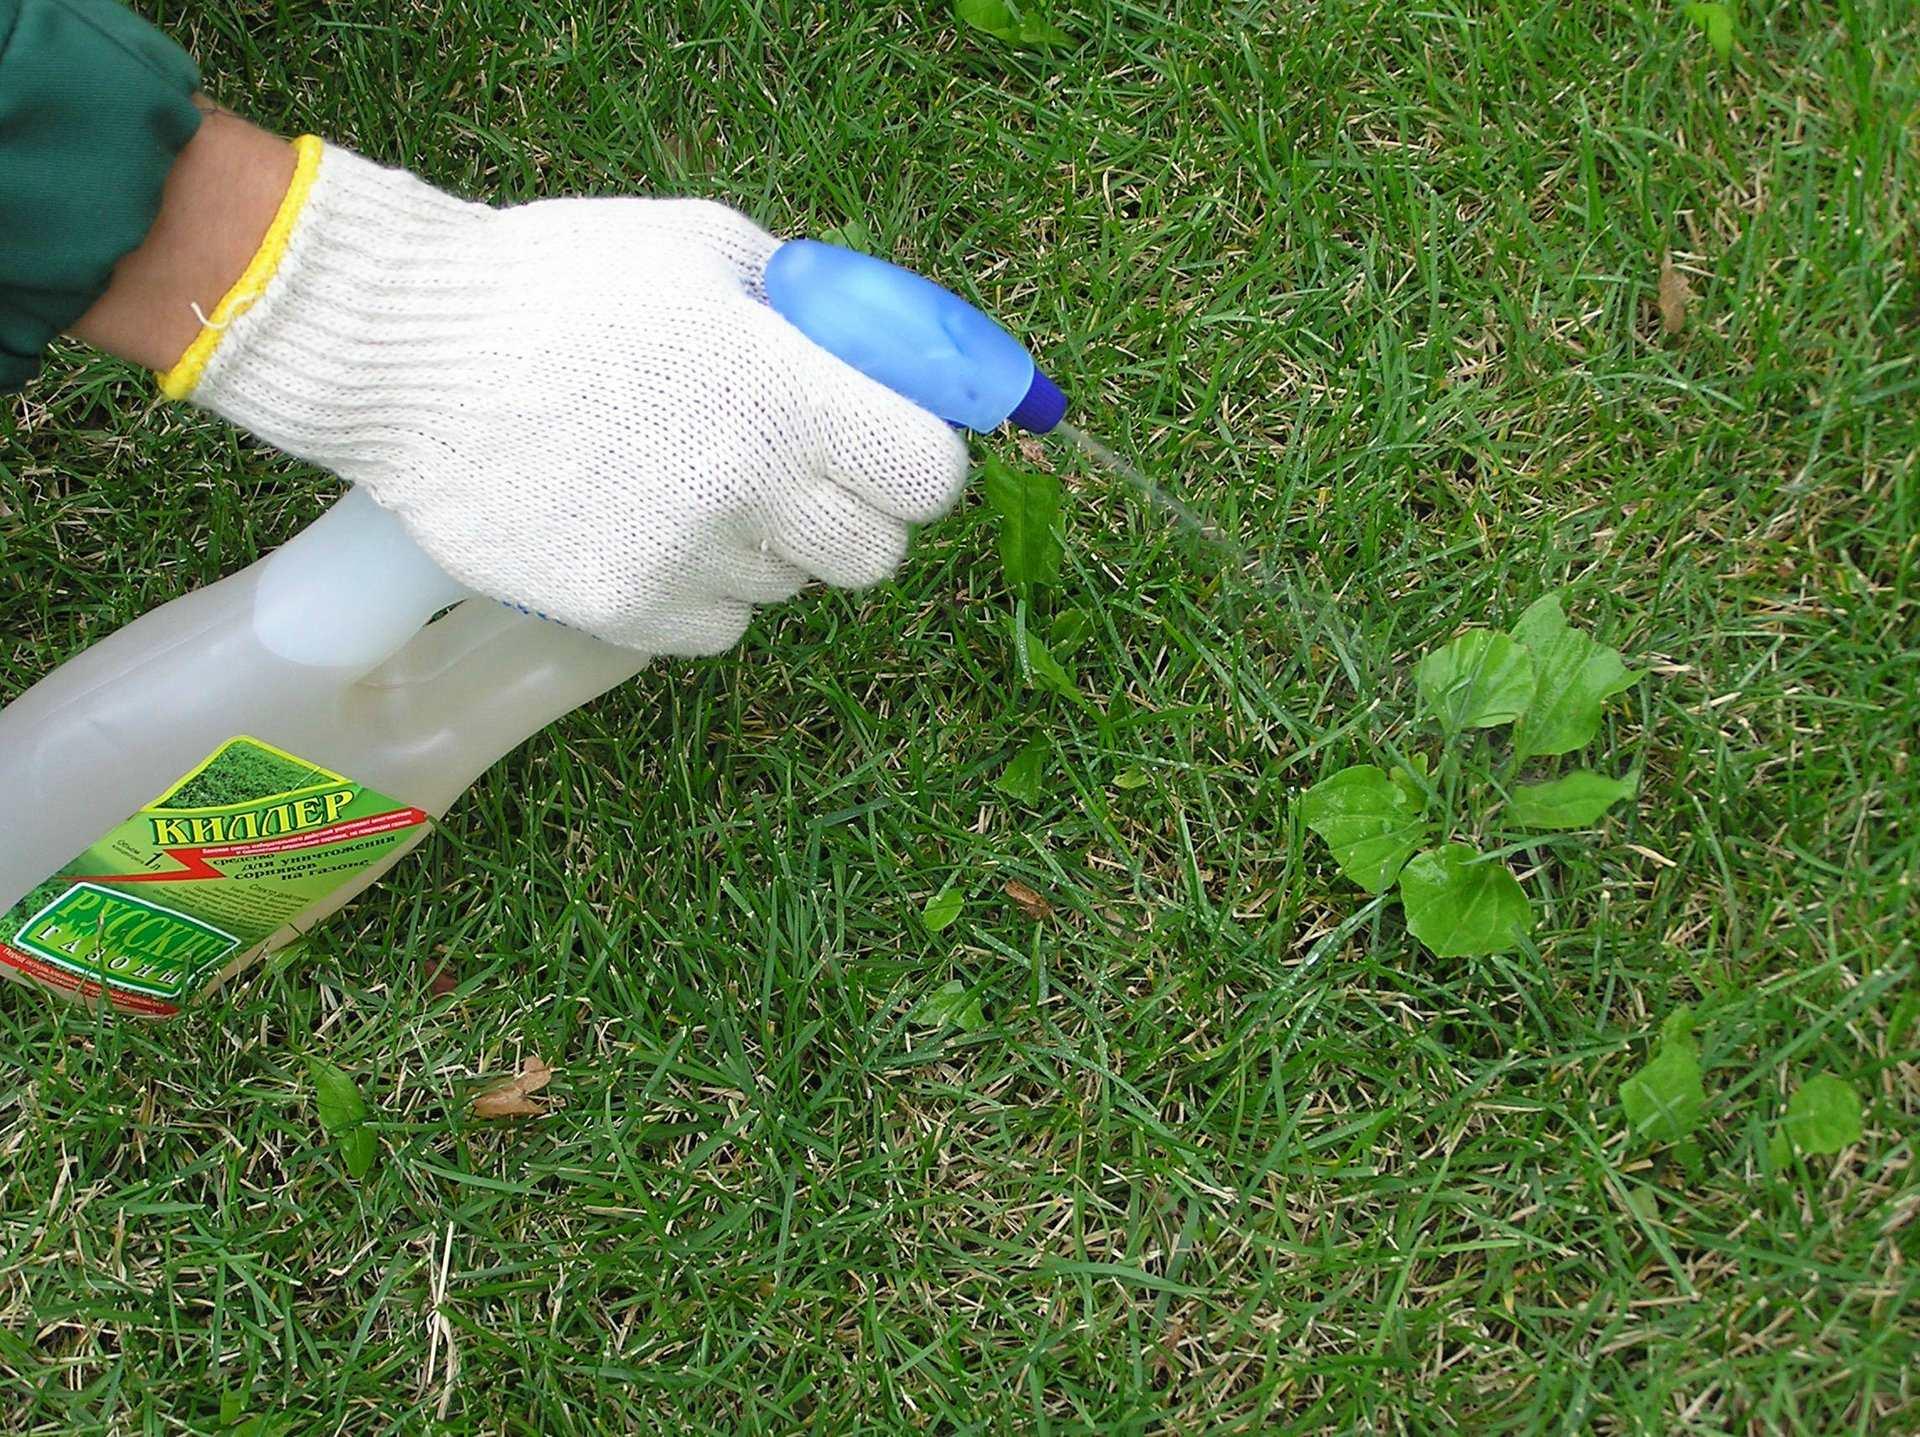 Вьюнок полевой как избавиться, фото, методы борьбы, гербициды от вьюнка полевого на картофеле, crop science